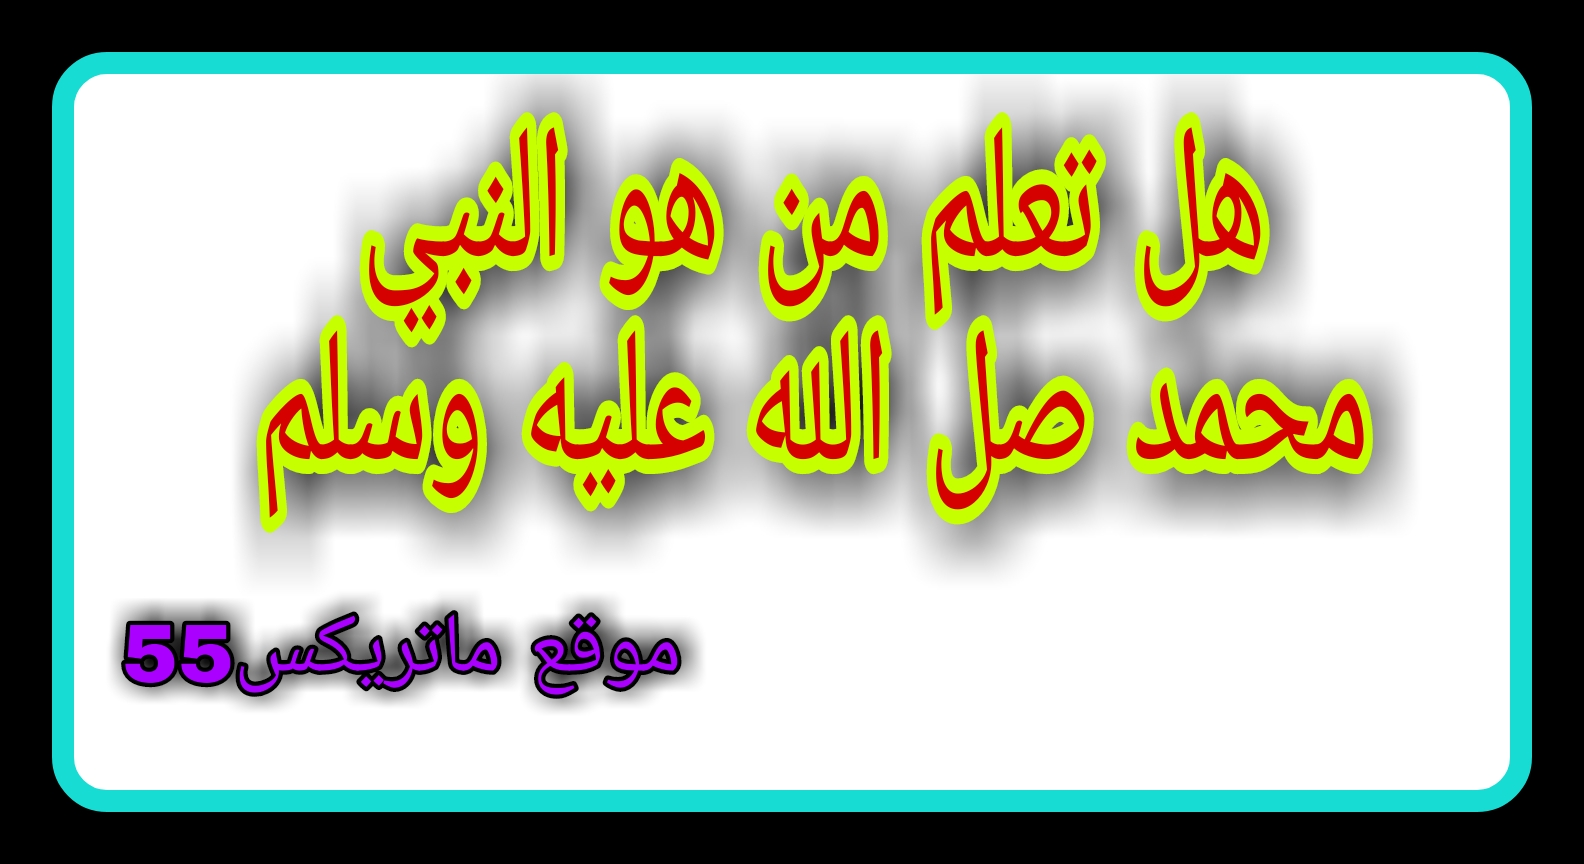 من هو الرسول محمد صلى الله عليه وسلم | من هو النبي محمد صلى الله عليه وسلم